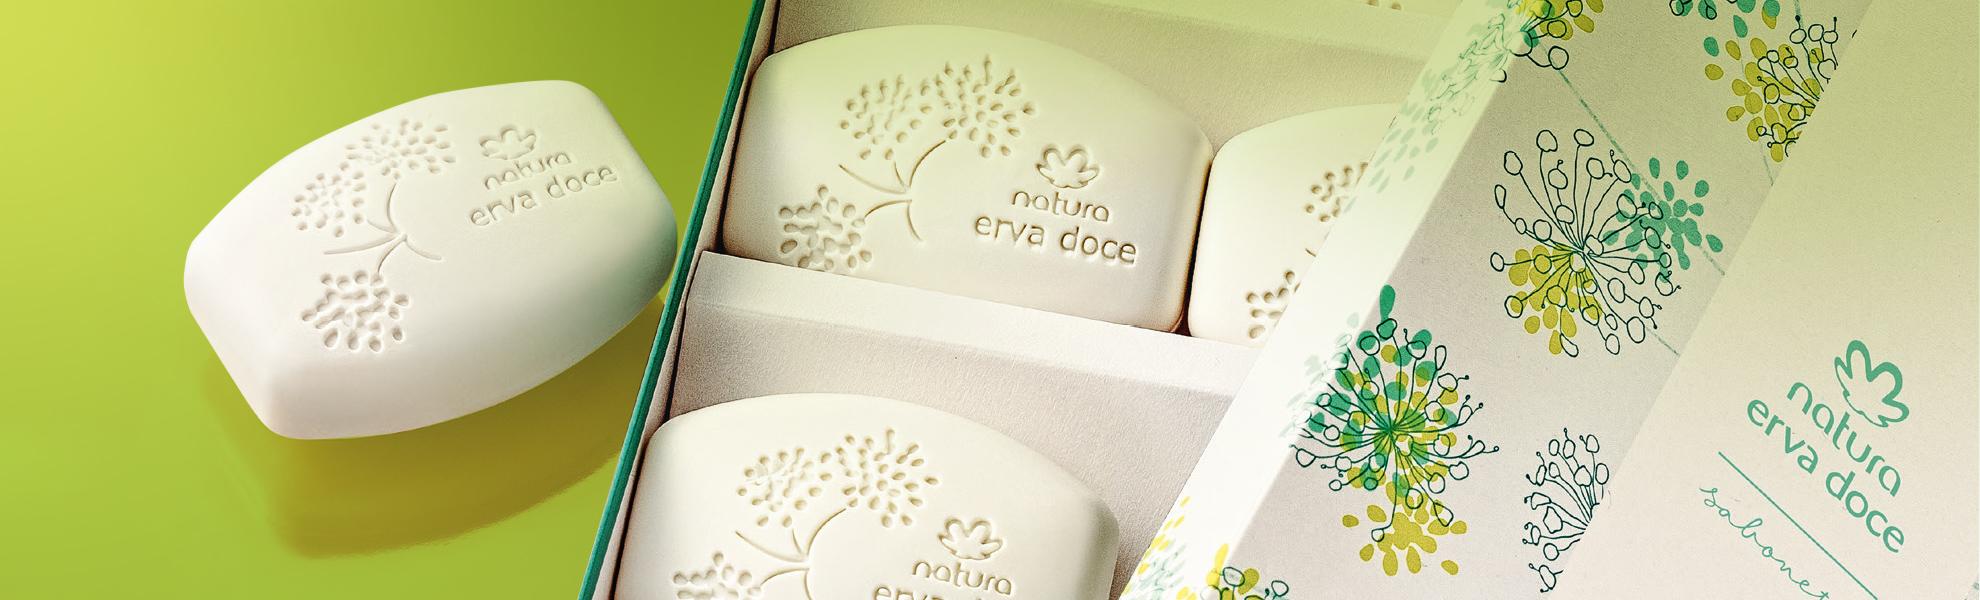 chelles-e-hayashi-design-portfolio-natura-erva-doce-sabonetes-produto-grafico-embalagem